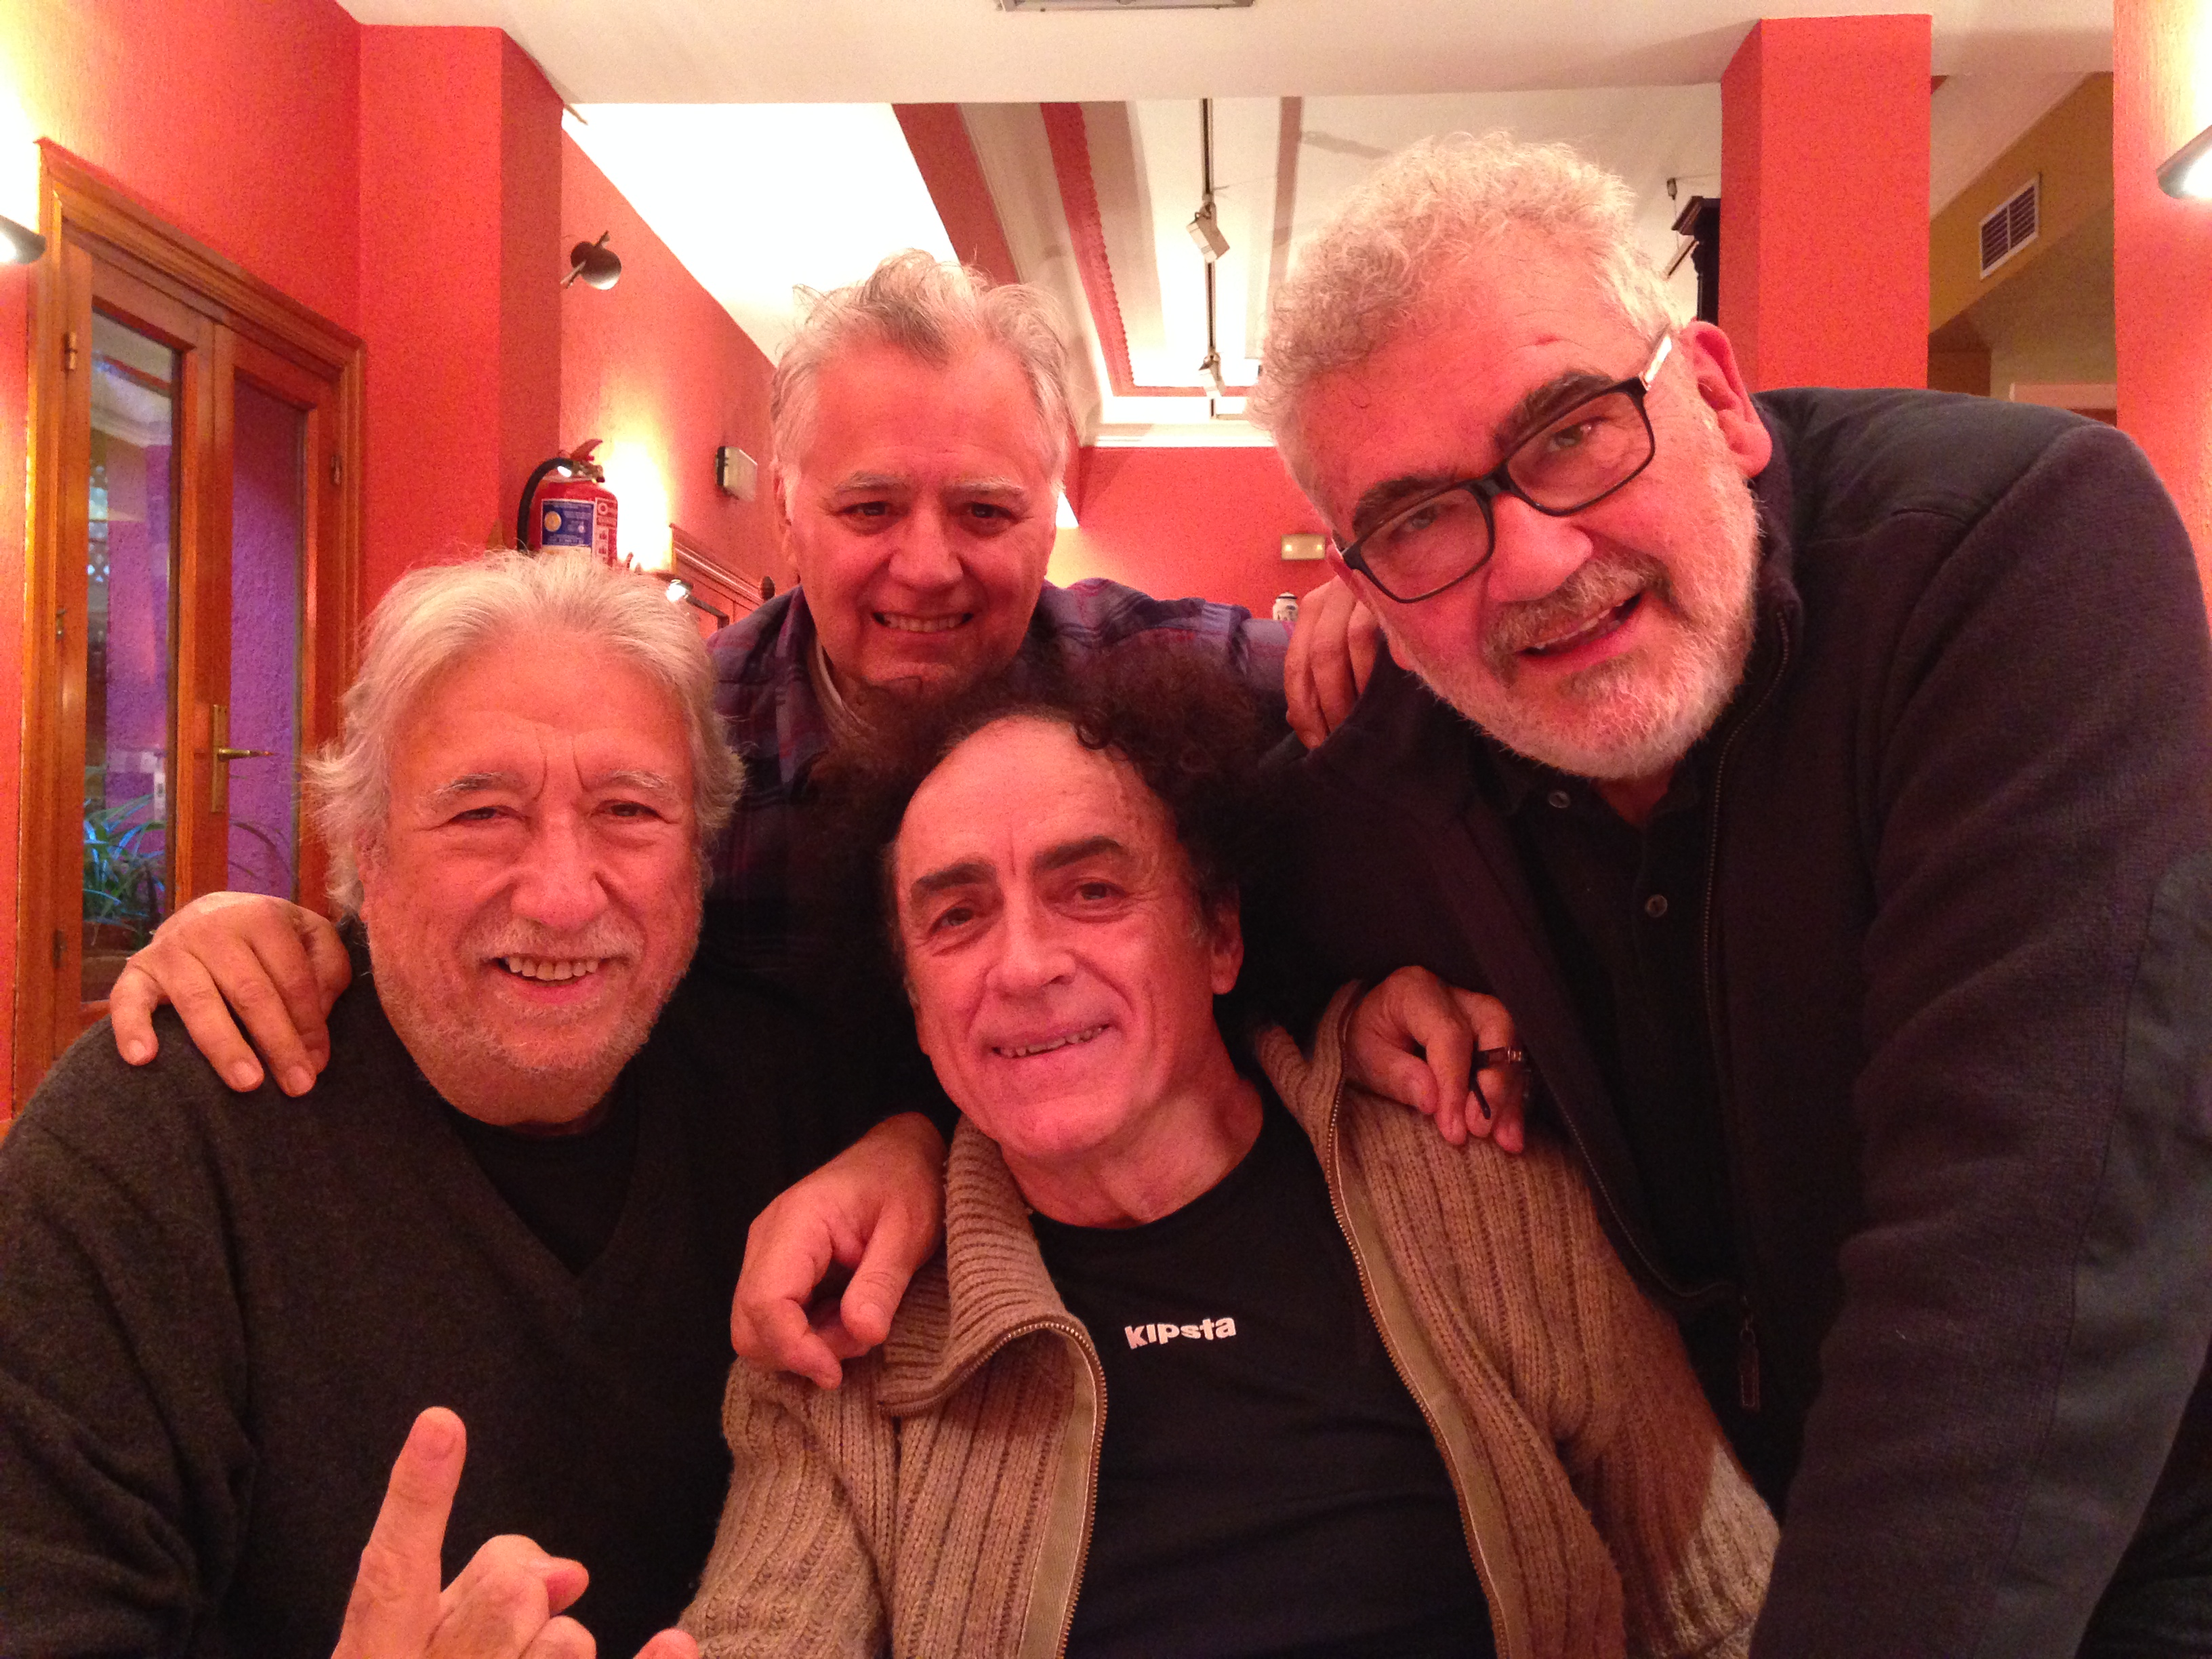 Los viejos rockeros nunca mueren. Haciendo un programa de radio con el Mariscal Romero, Rafael Baladés y Manolo Valmorisco en 2013